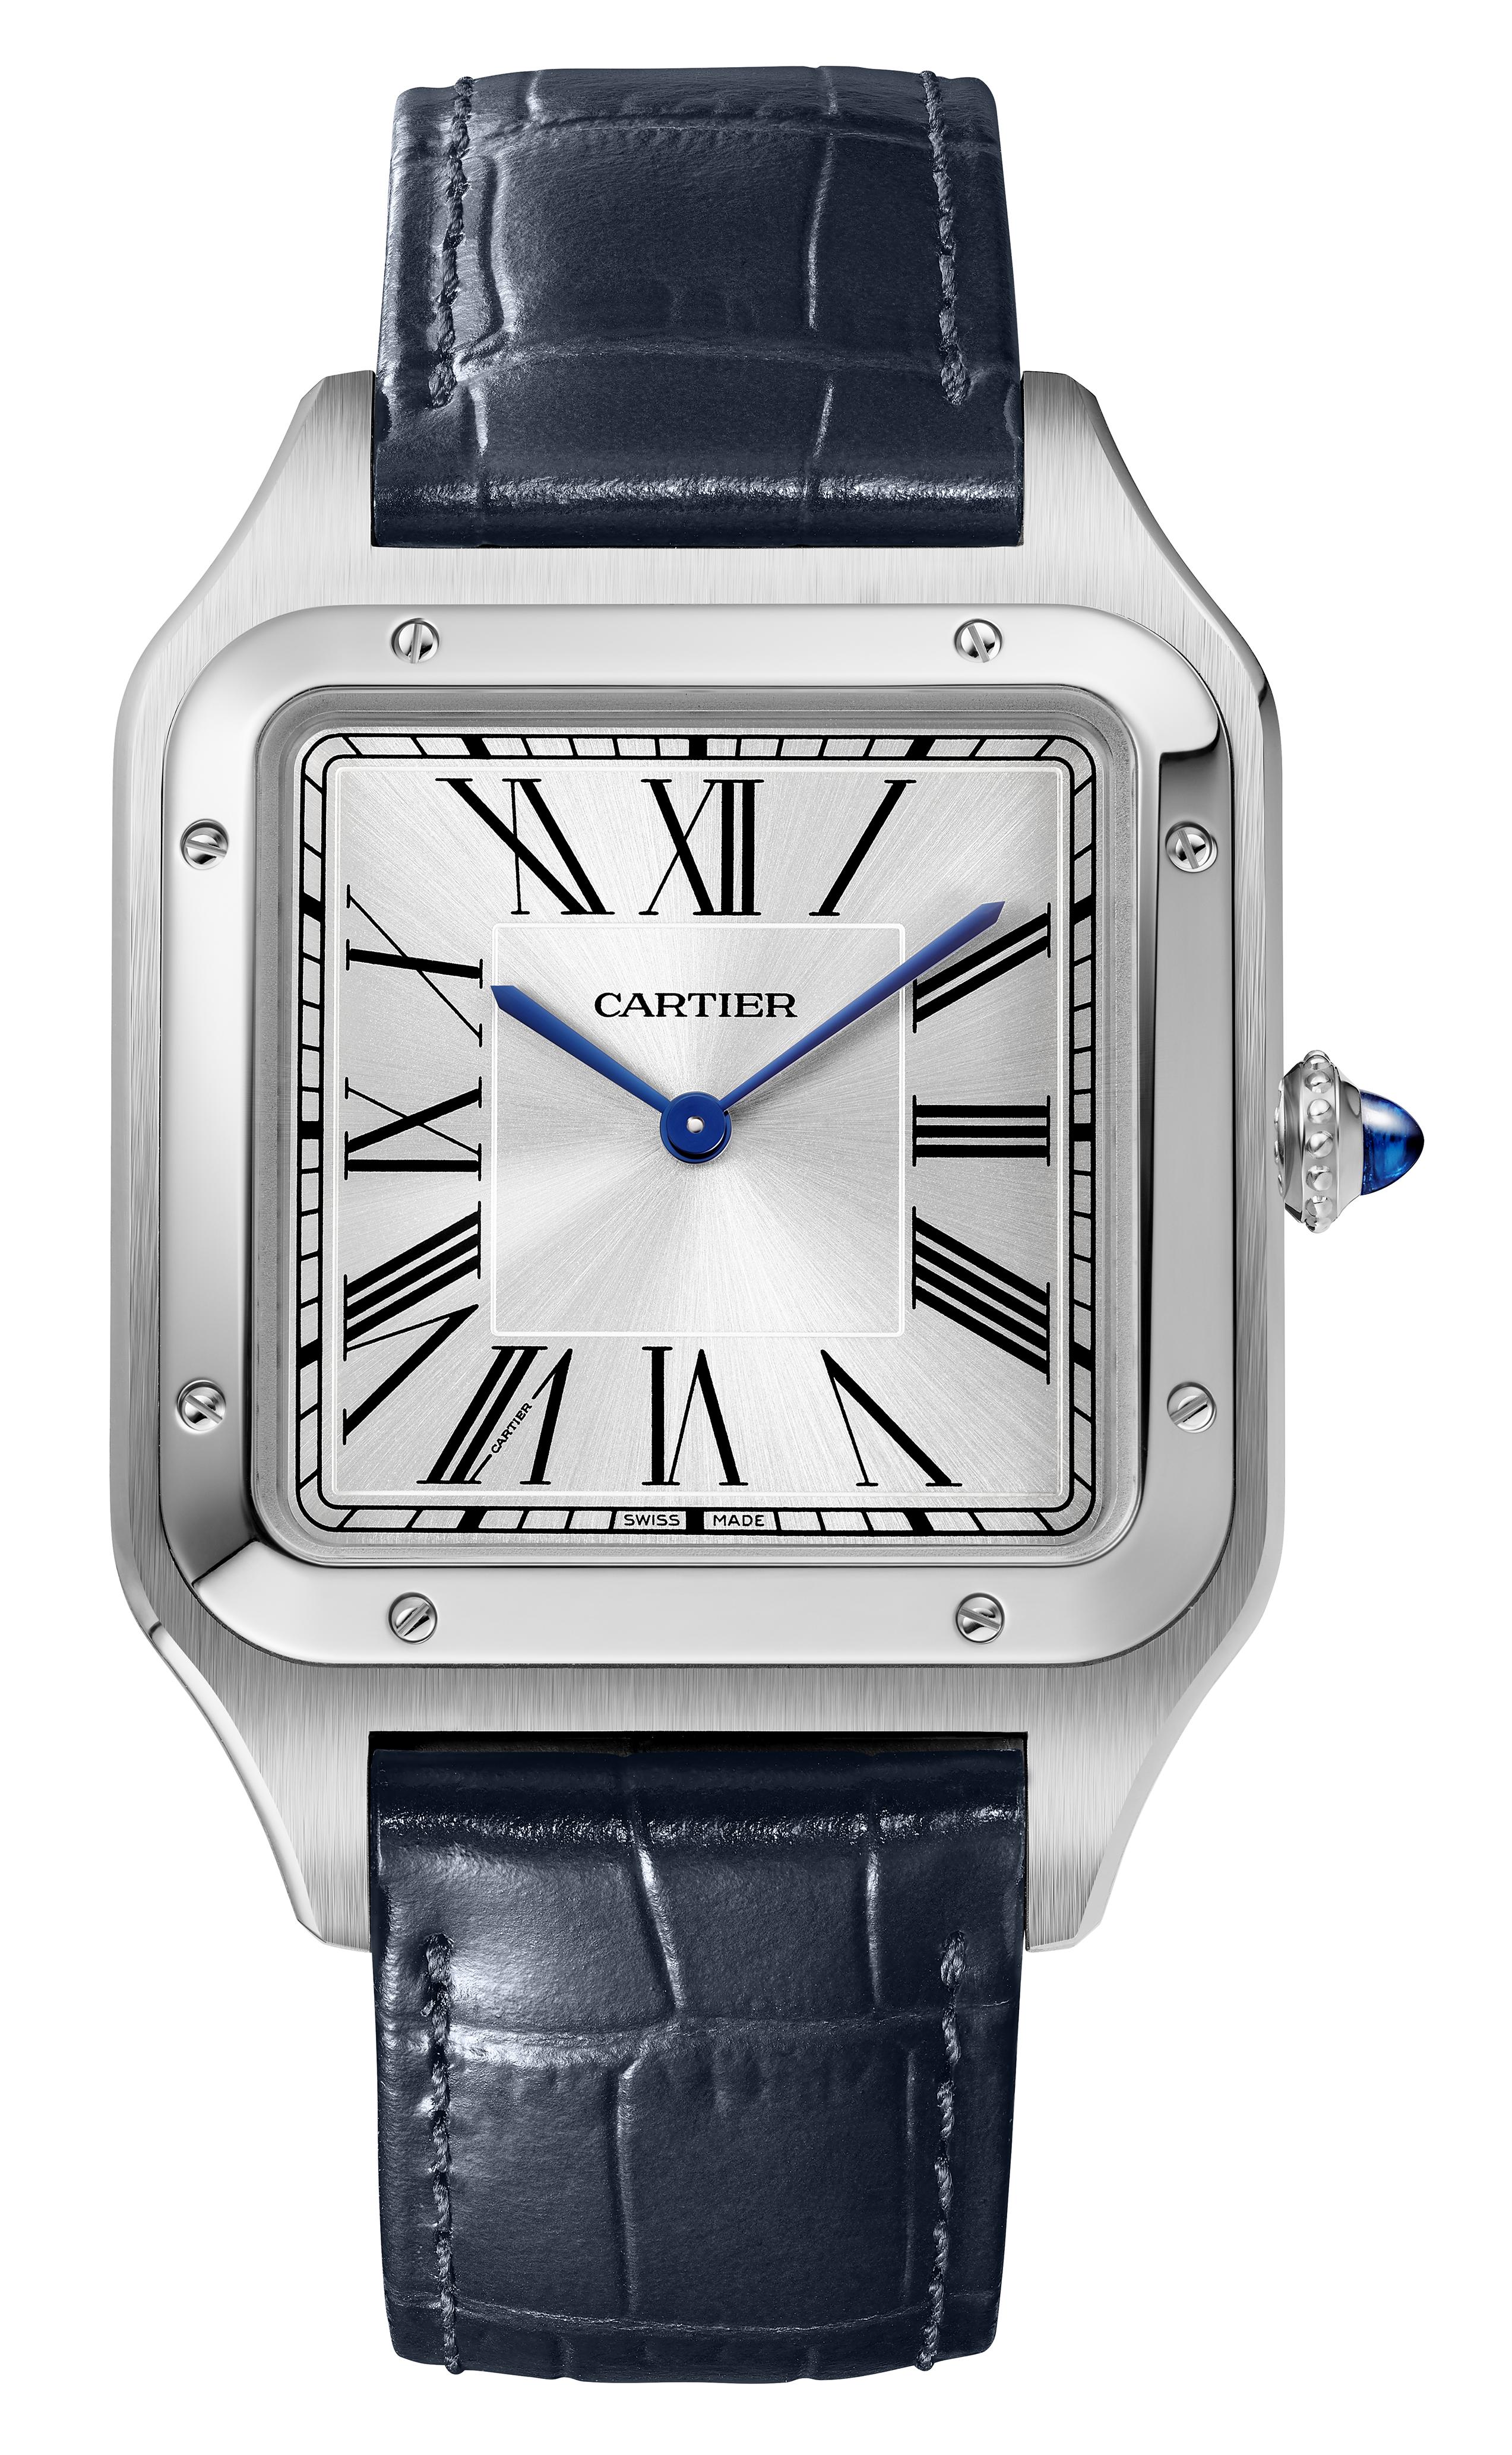 Reloj Cartier – Este modelo Santos Dumont XL en acero tiene correa en piel de caimán. Su historia, la pureza de sus líneas y la belleza de su movimiento mecánico de cuerda manual se unen para convertirse en un excelente regalo. Disponible en la boutique Cartier en Condado. (Suministrada)